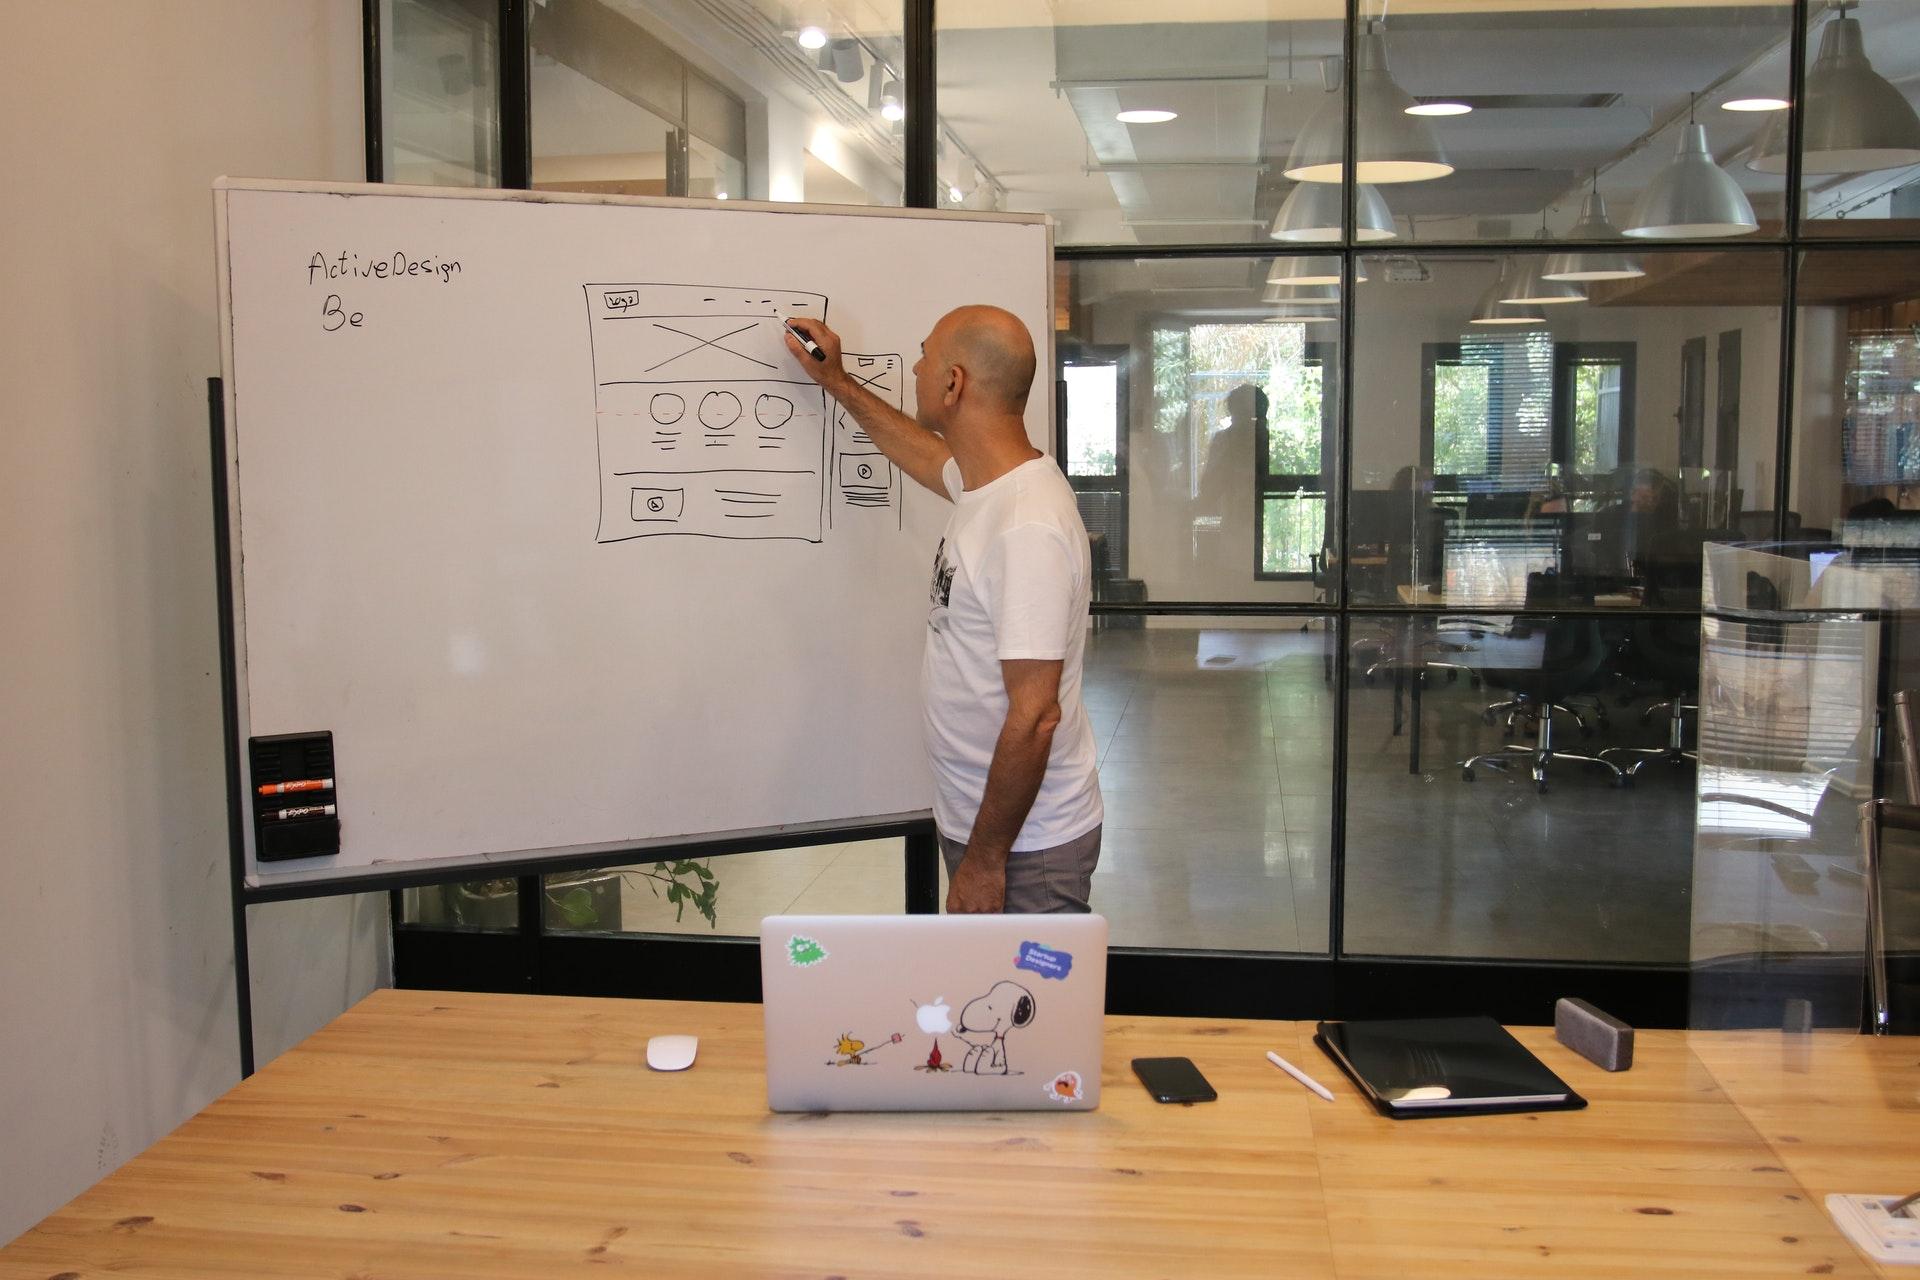 Equipo de diseño UX/UI de compañía de software